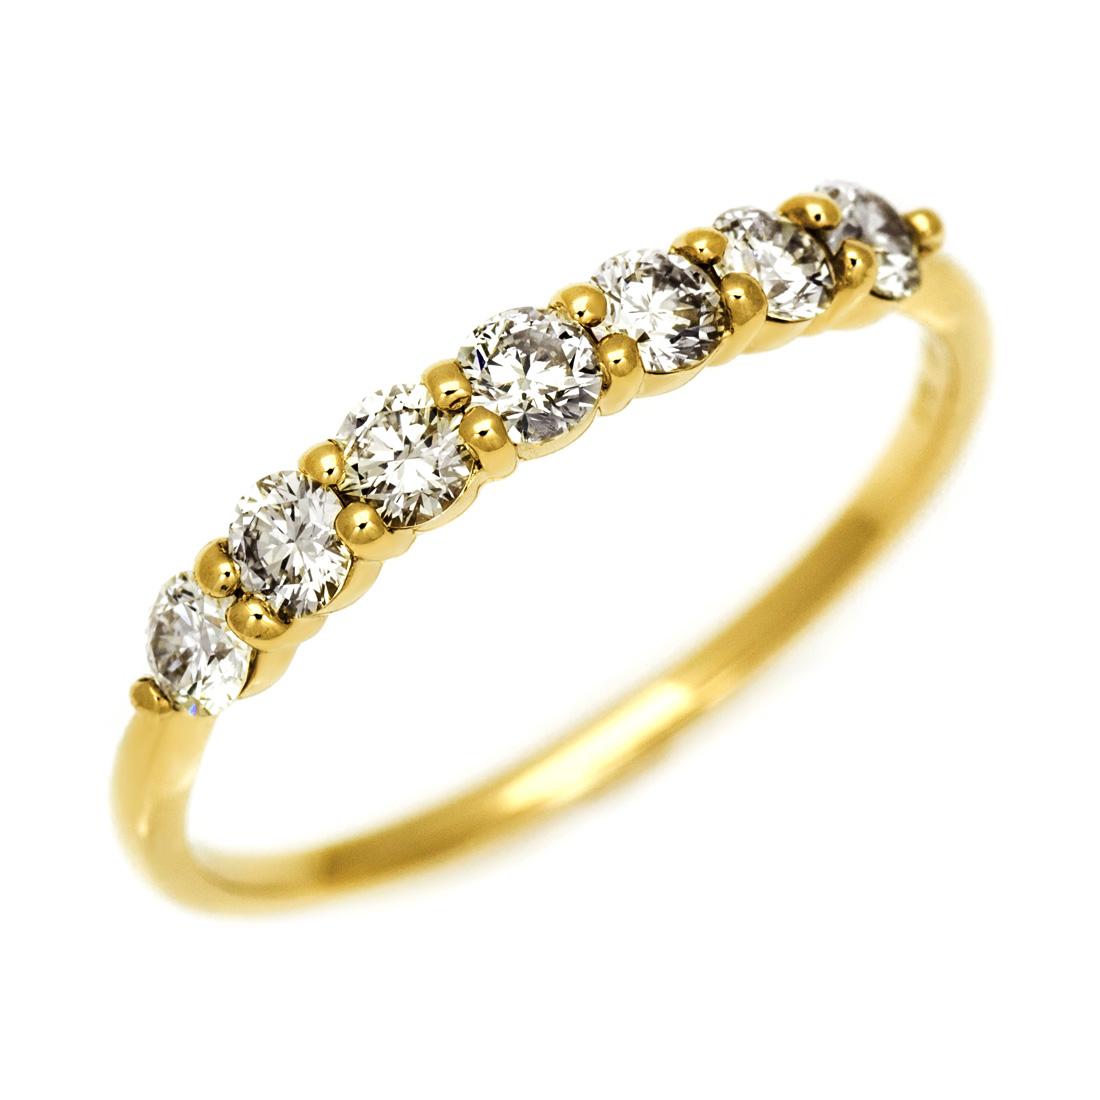 【GWクーポン配布中】リング ダイヤモンド 0.4ct ゴールド K18 「clarita」 送料無料